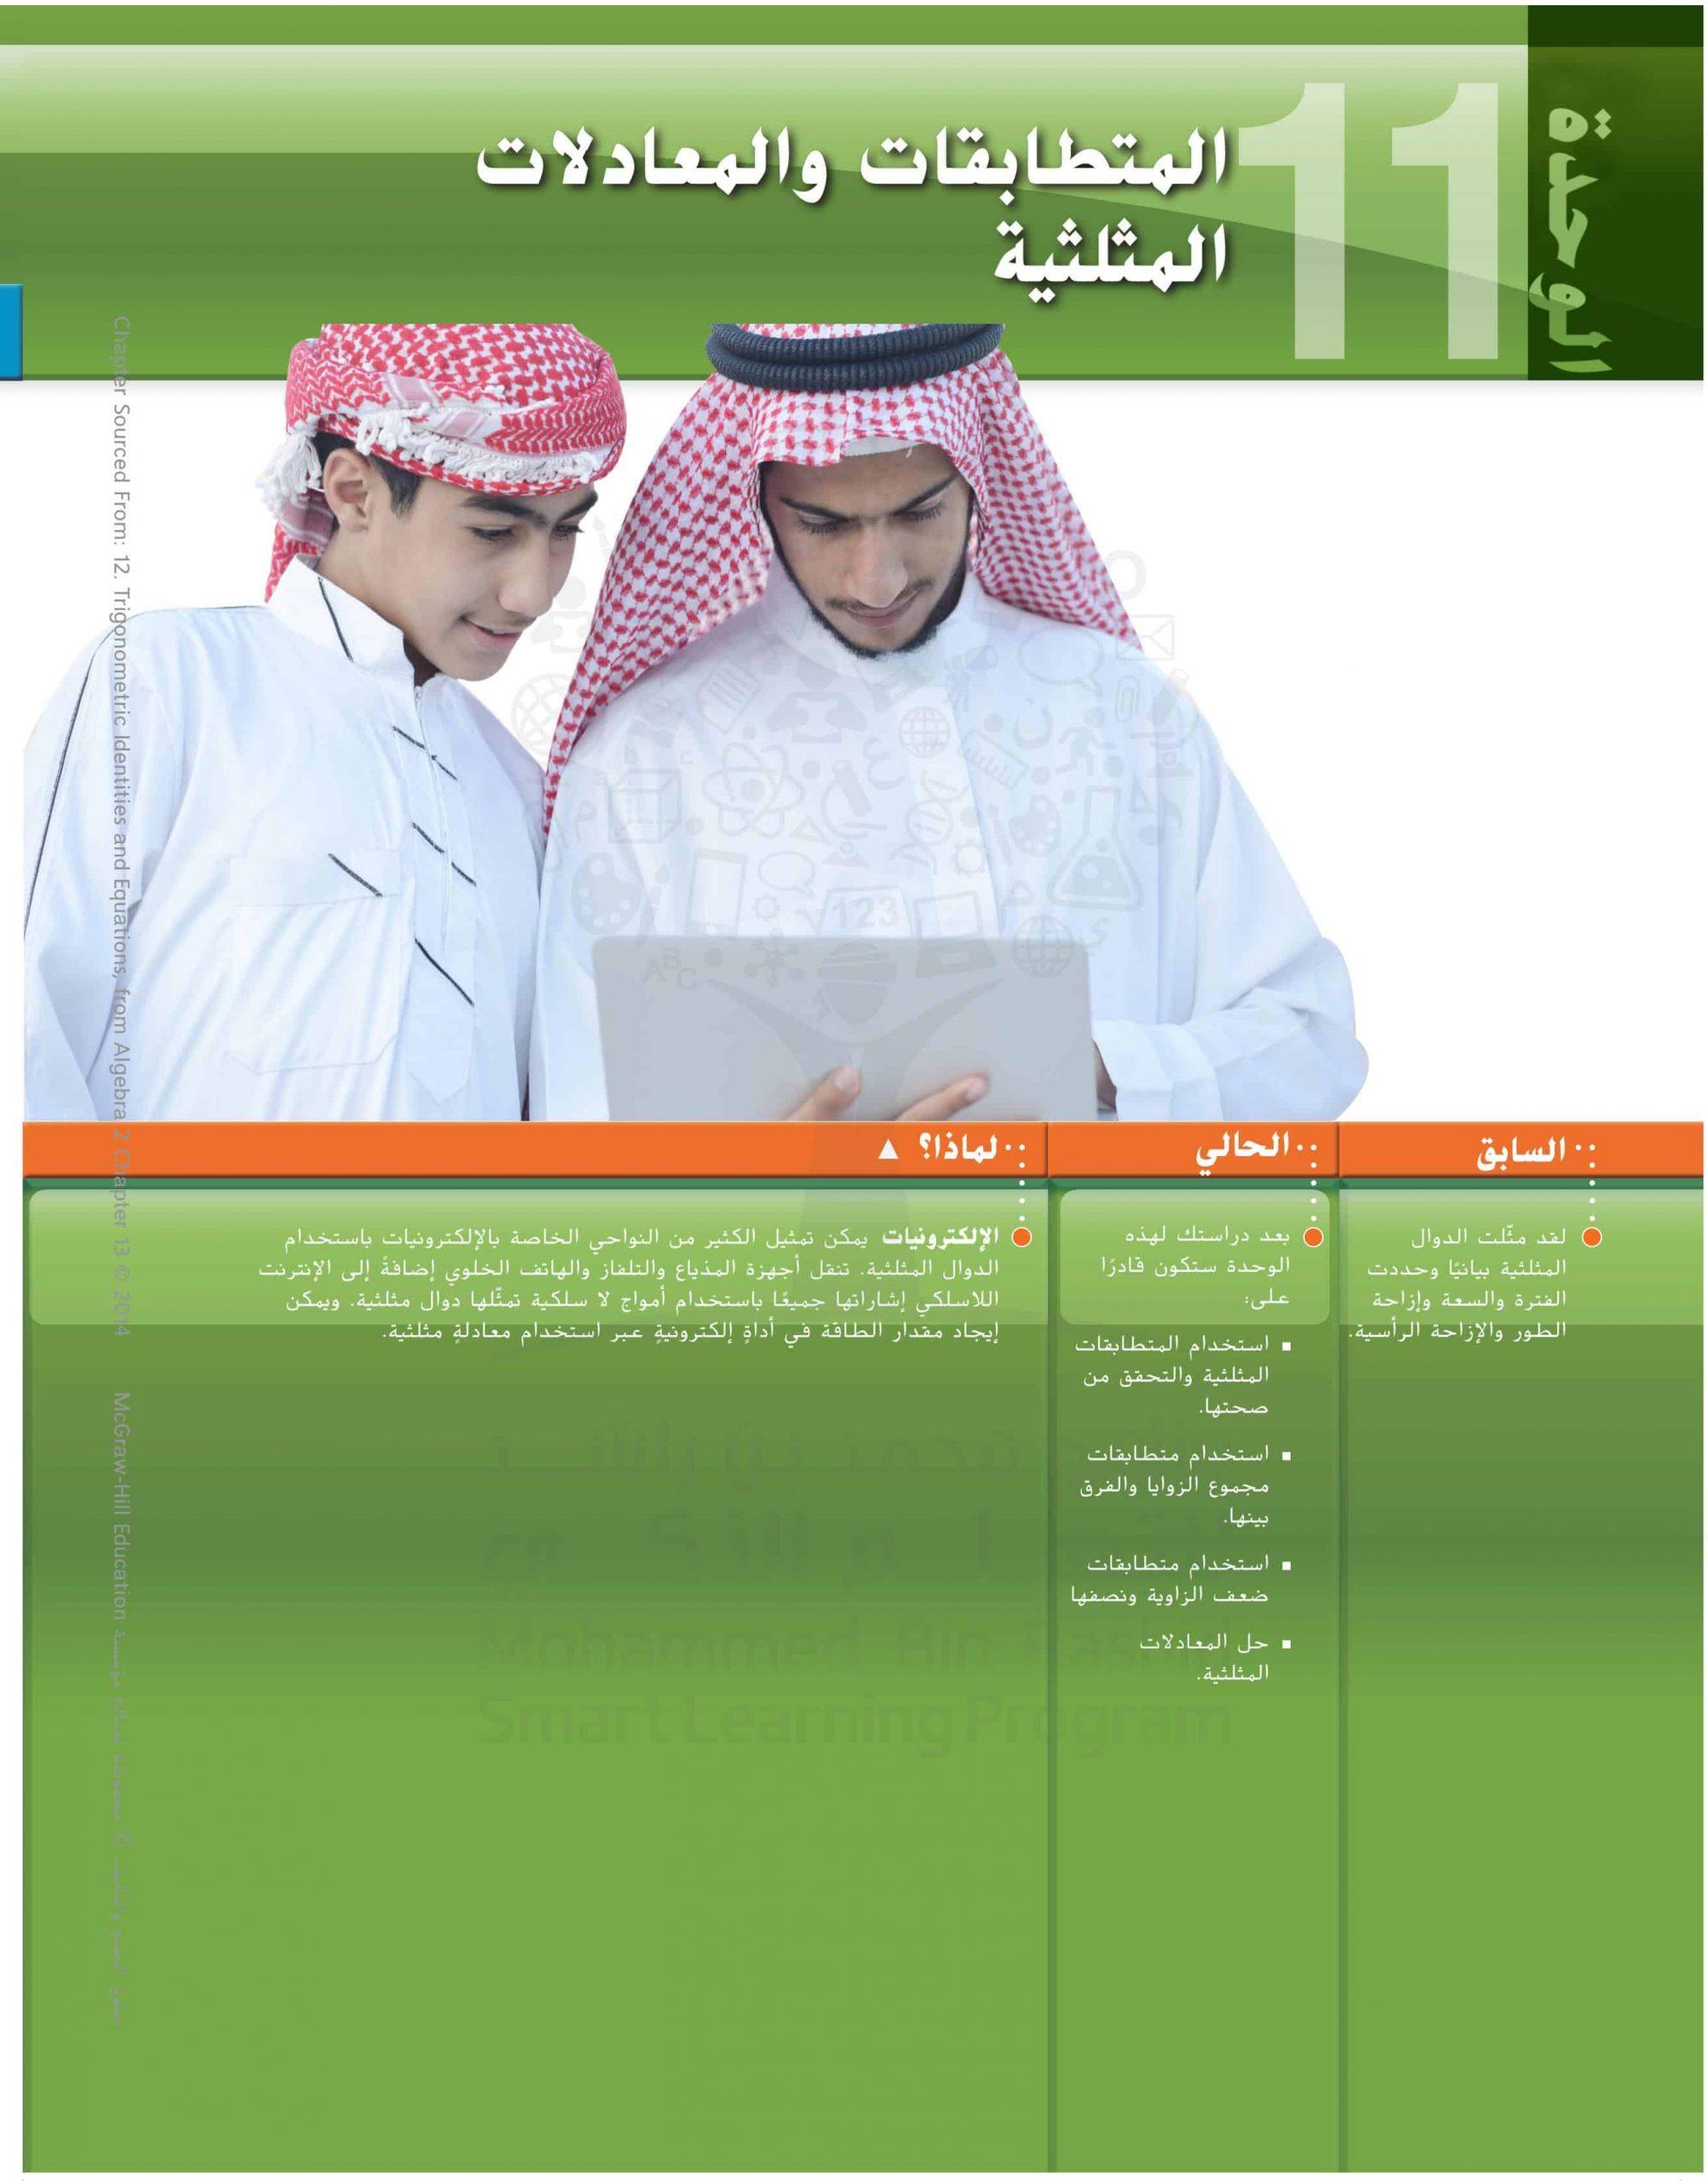 كتاب الطالب وحدة المتطابقات والمعادلات المثلثية الفصل الدراسي الثالث 2020-2021 الصف الحادي عشر مادة الرياضيات المتكاملة